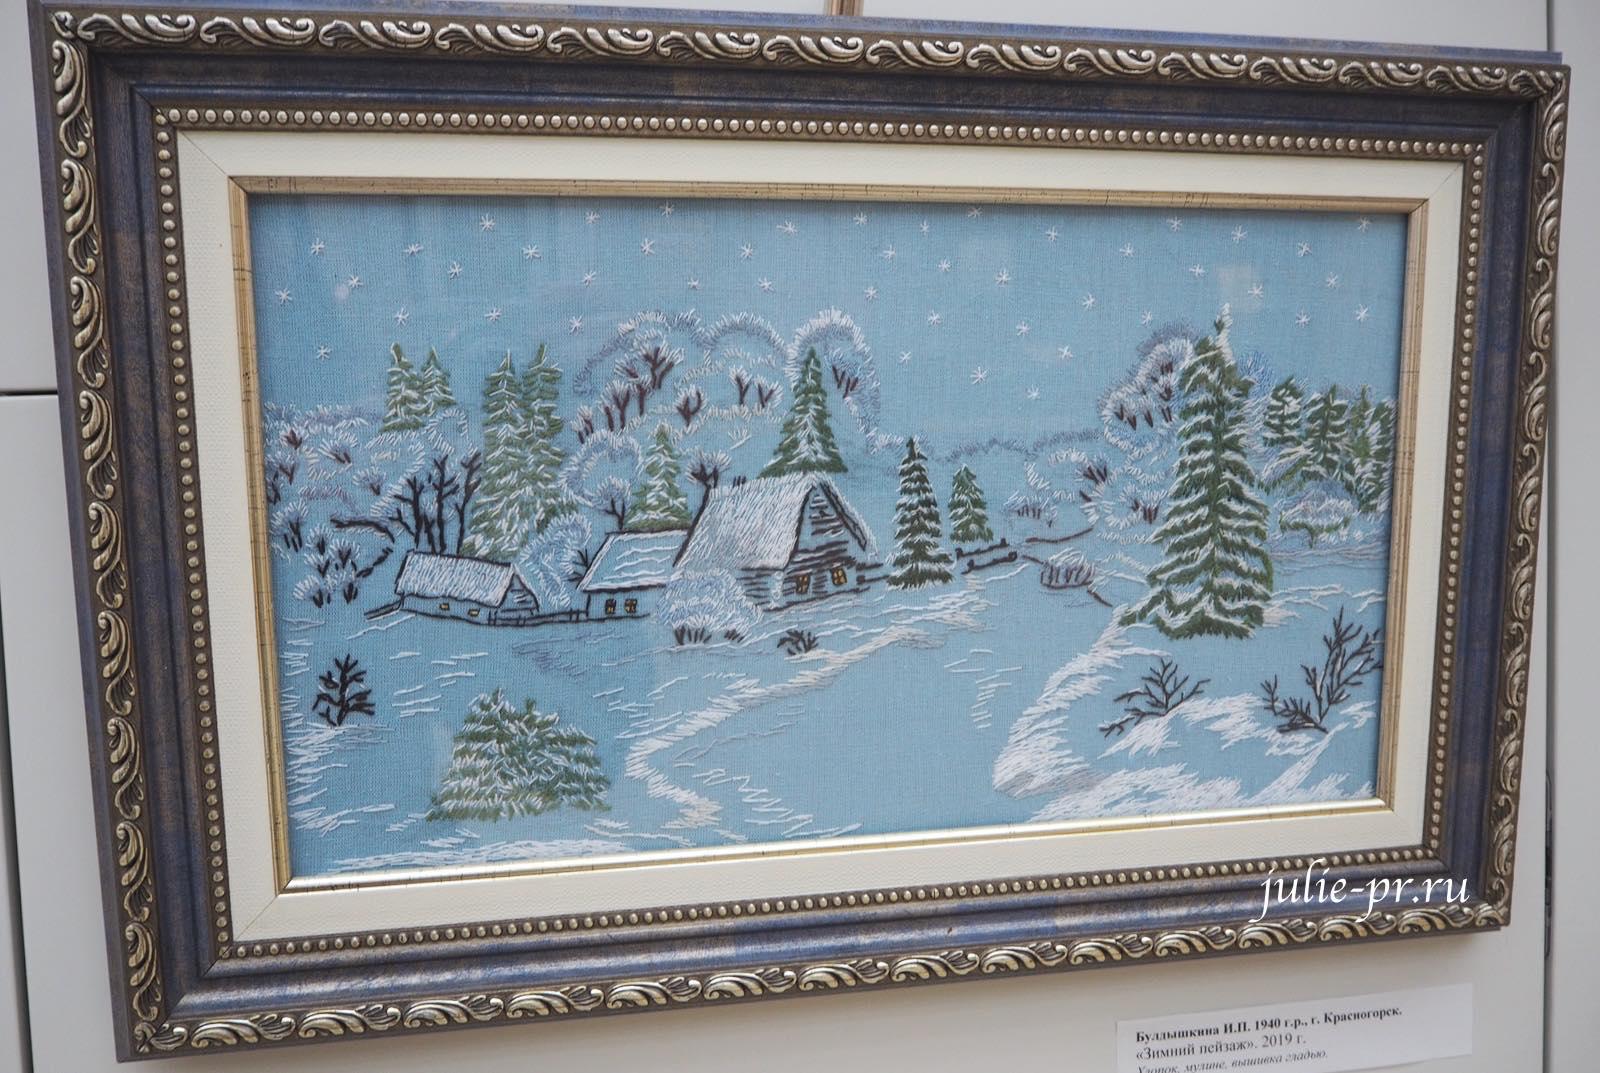 Всероссийская выставка вышивки, вышивка гладью, зимний пейзаж, зима